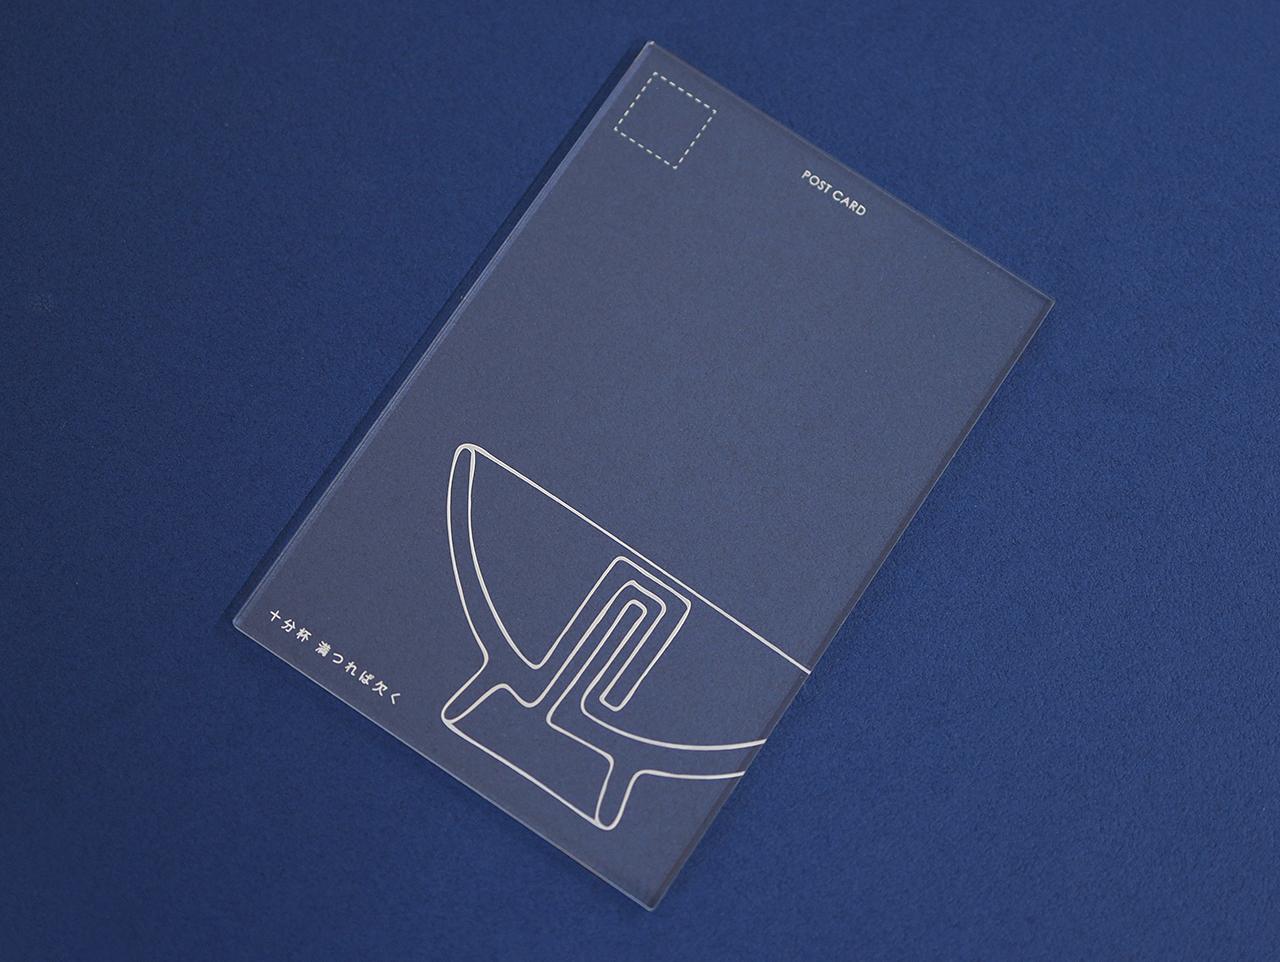 アクリルのポストカード -nagaoka- 十分杯